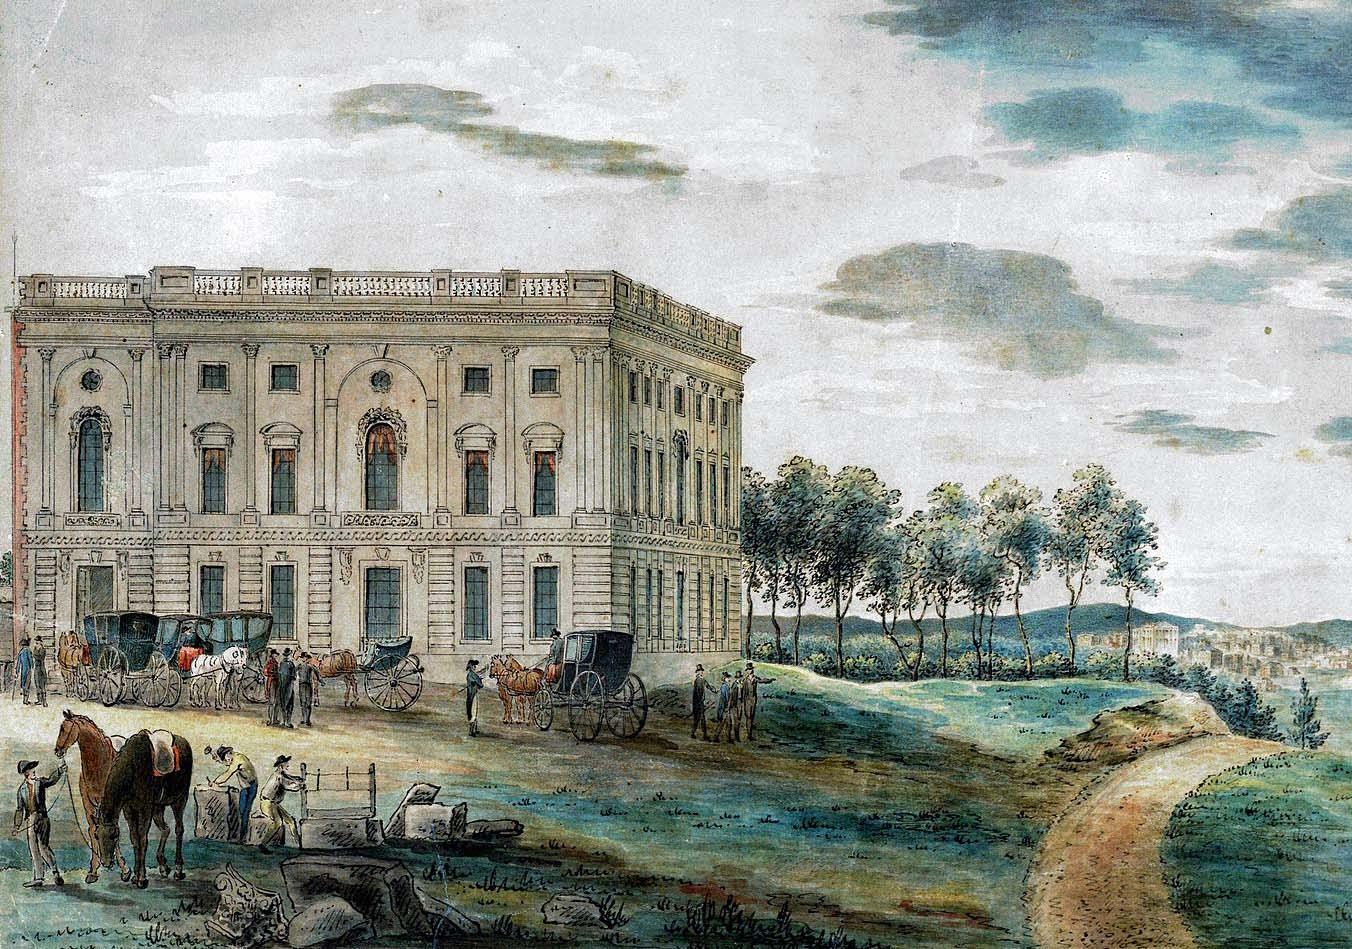 United States Capitol, 1800